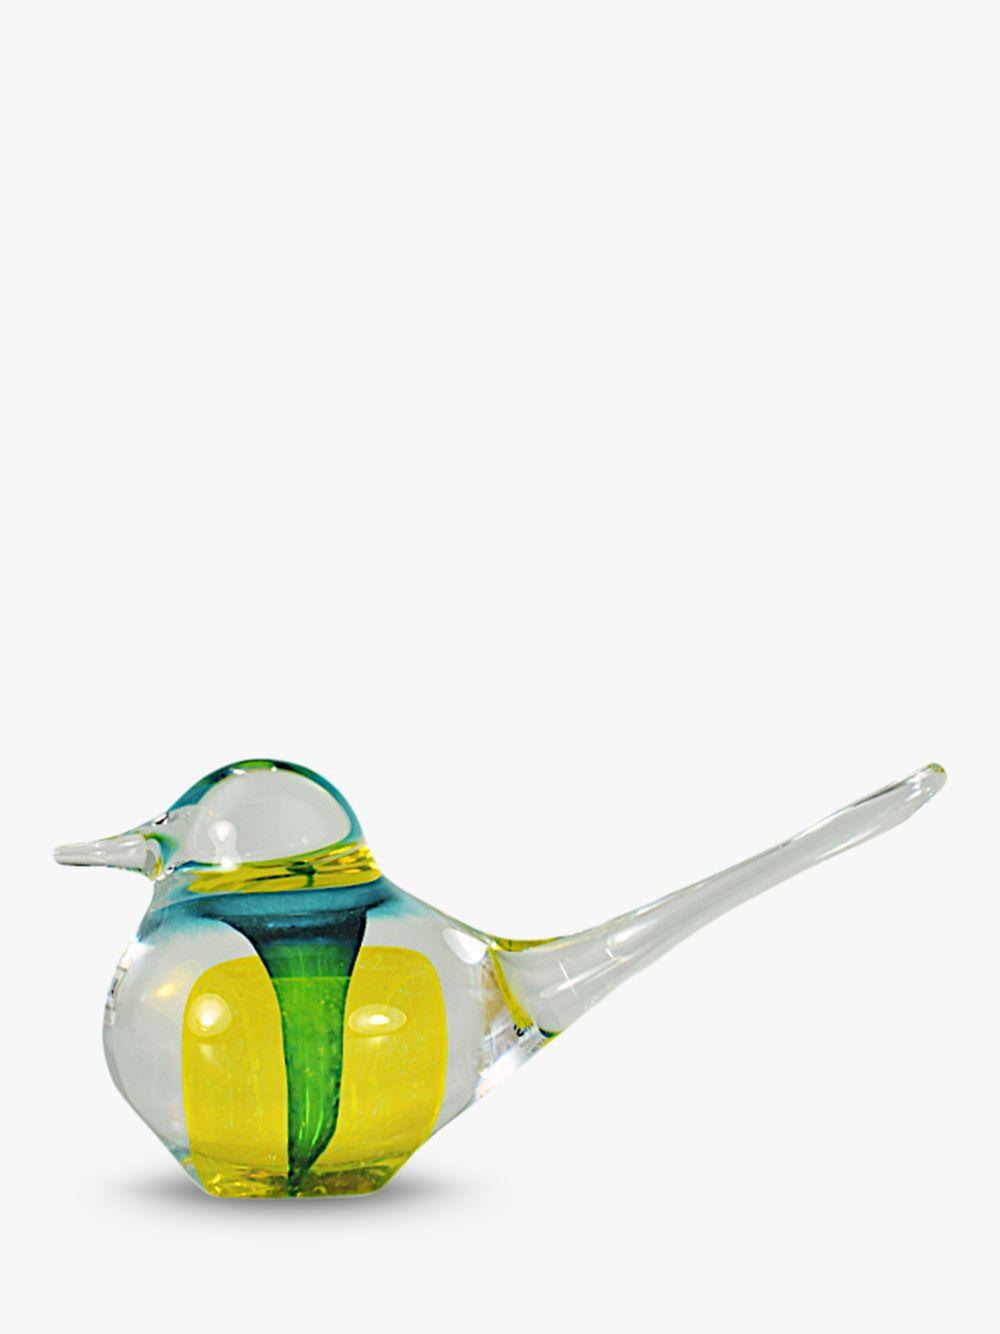 Svaja Svaja Basil Bird Ornament, Yellow